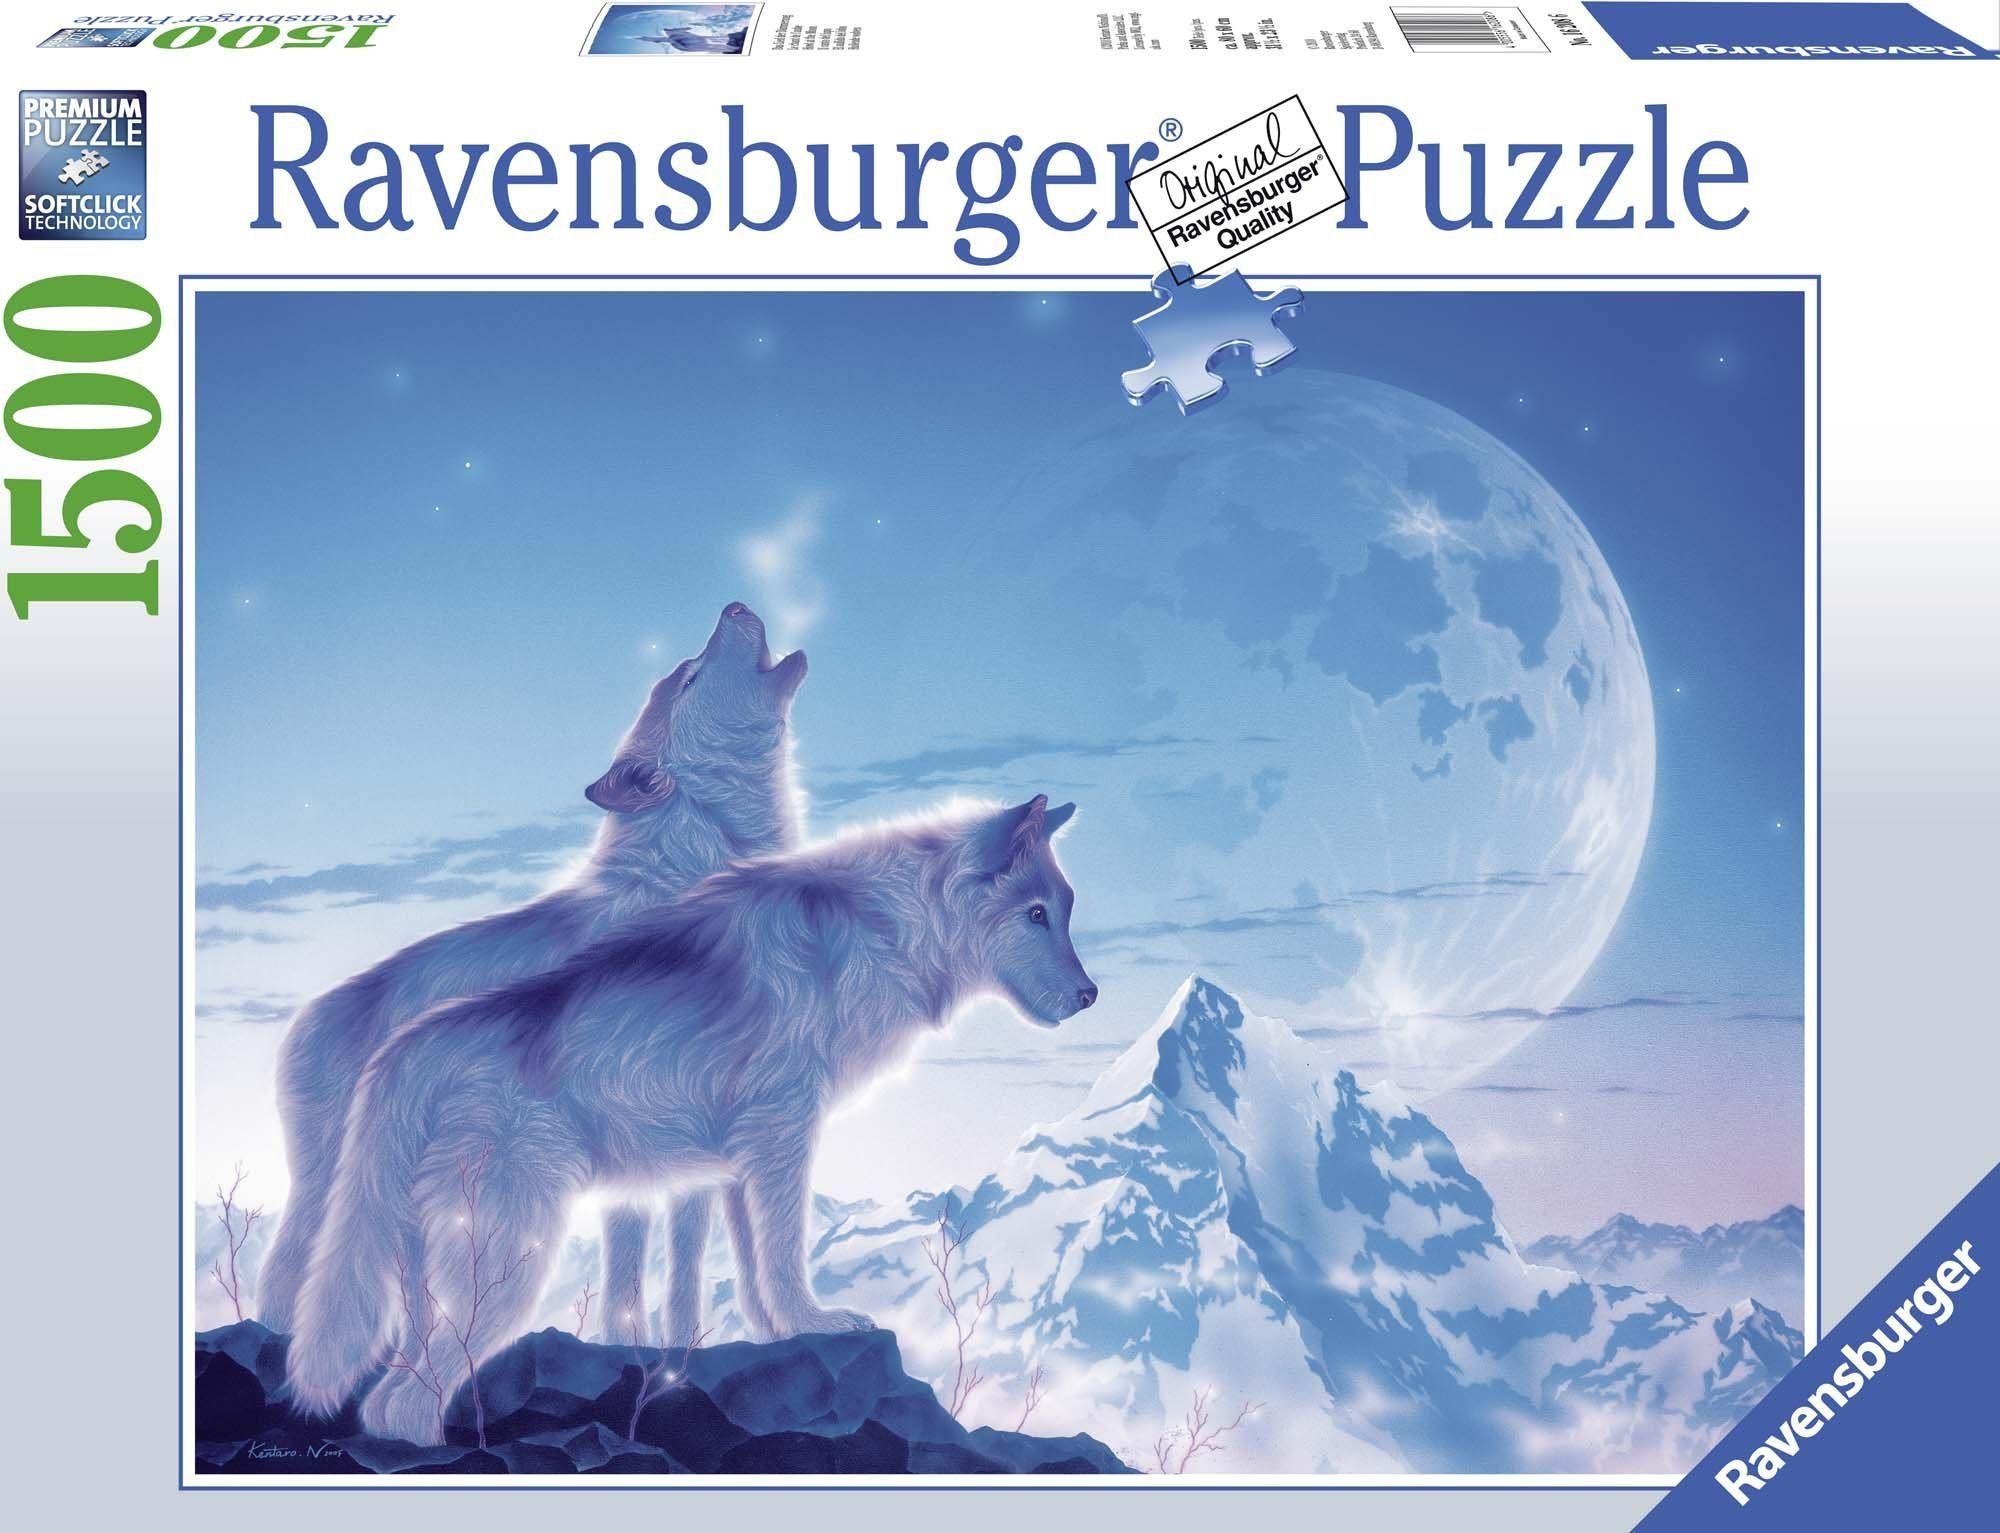 Ravensburger 16208 Puzzle Le Chant de L''Aube 1500 sztuk